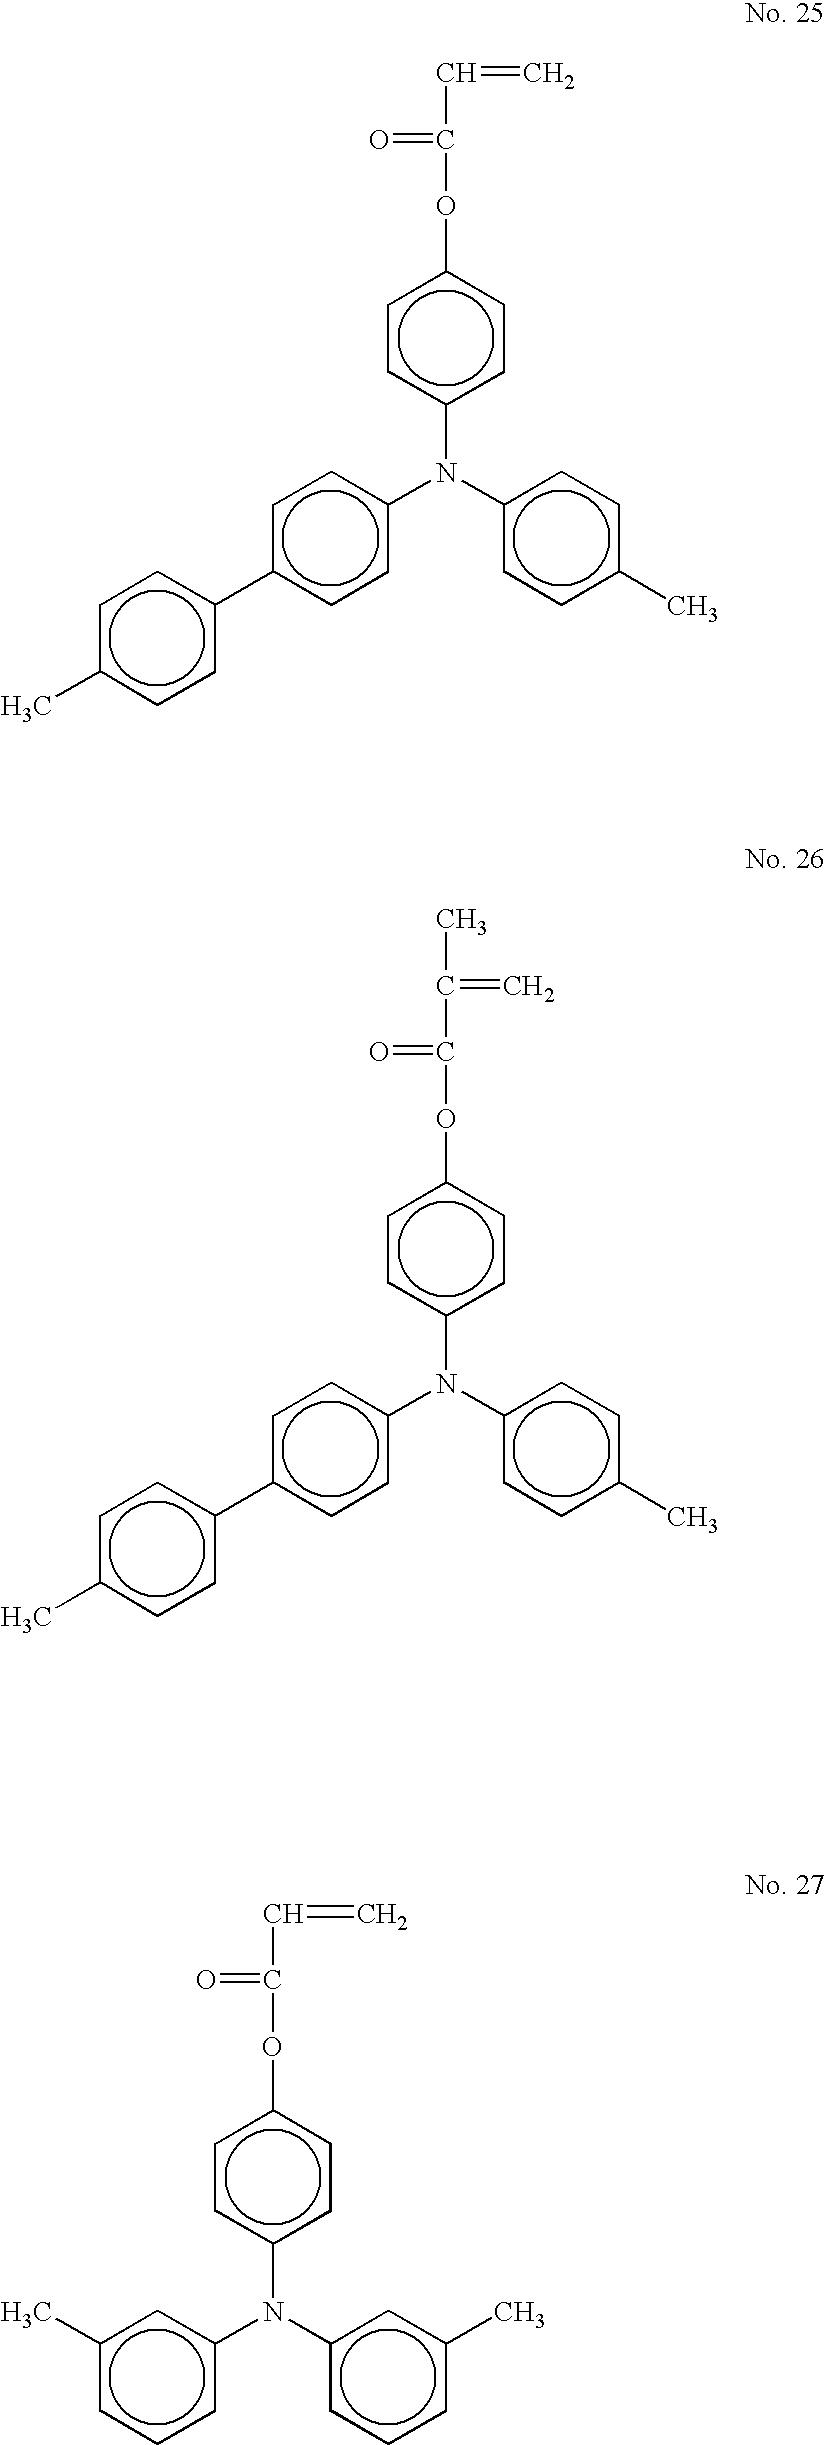 Figure US07175957-20070213-C00020